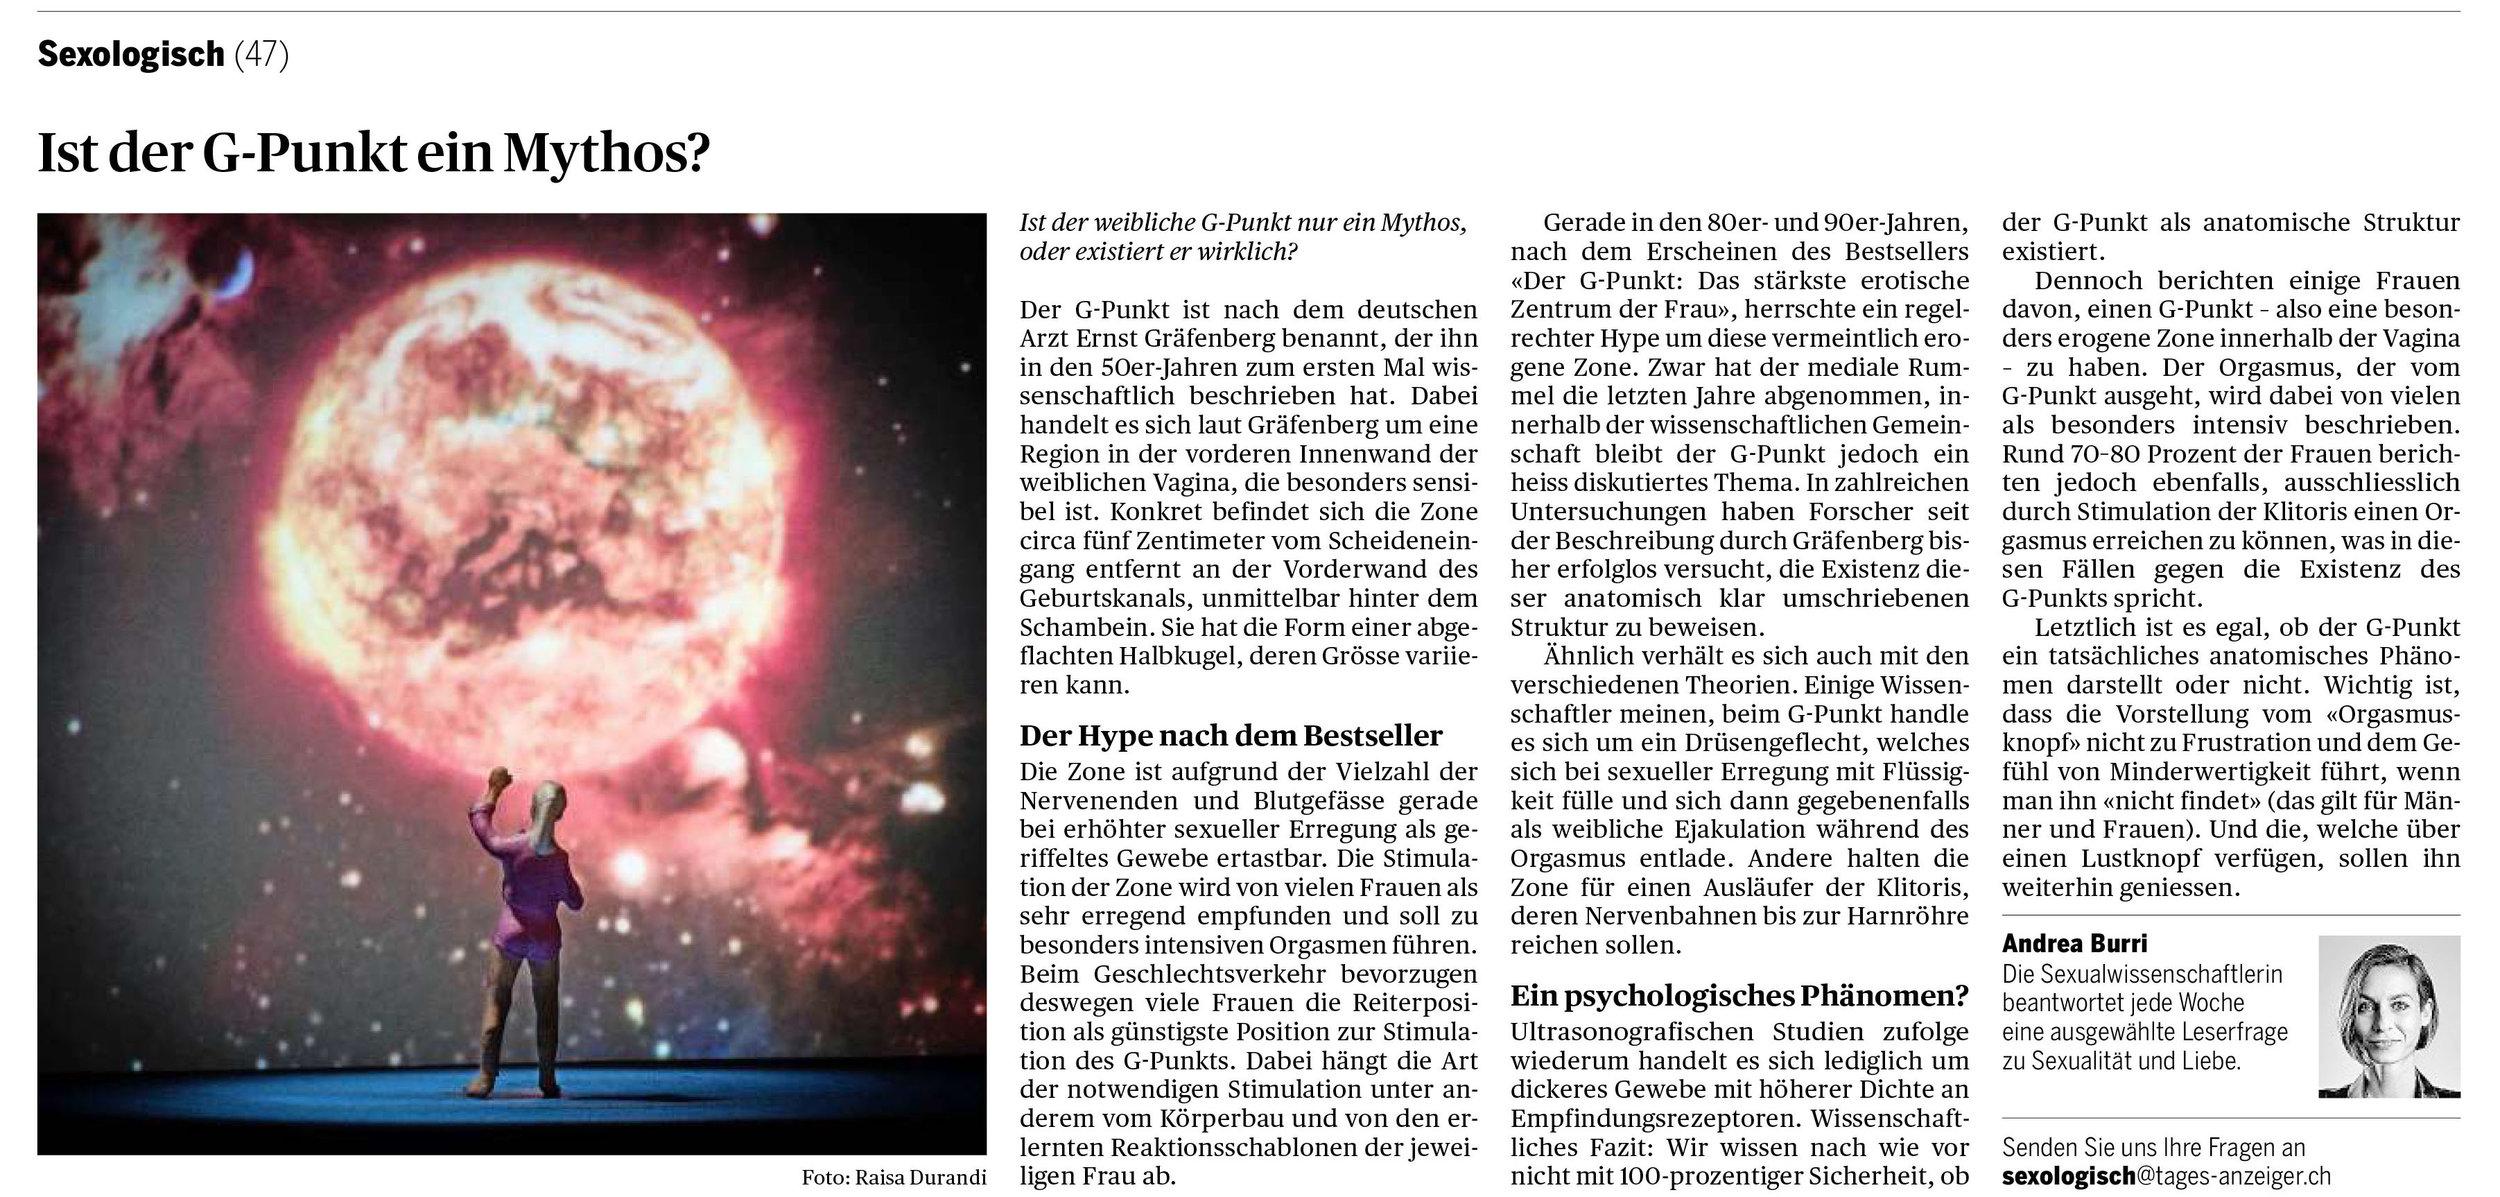 Seite_33_Tages-Anzeiger_2017-04-27.jpg